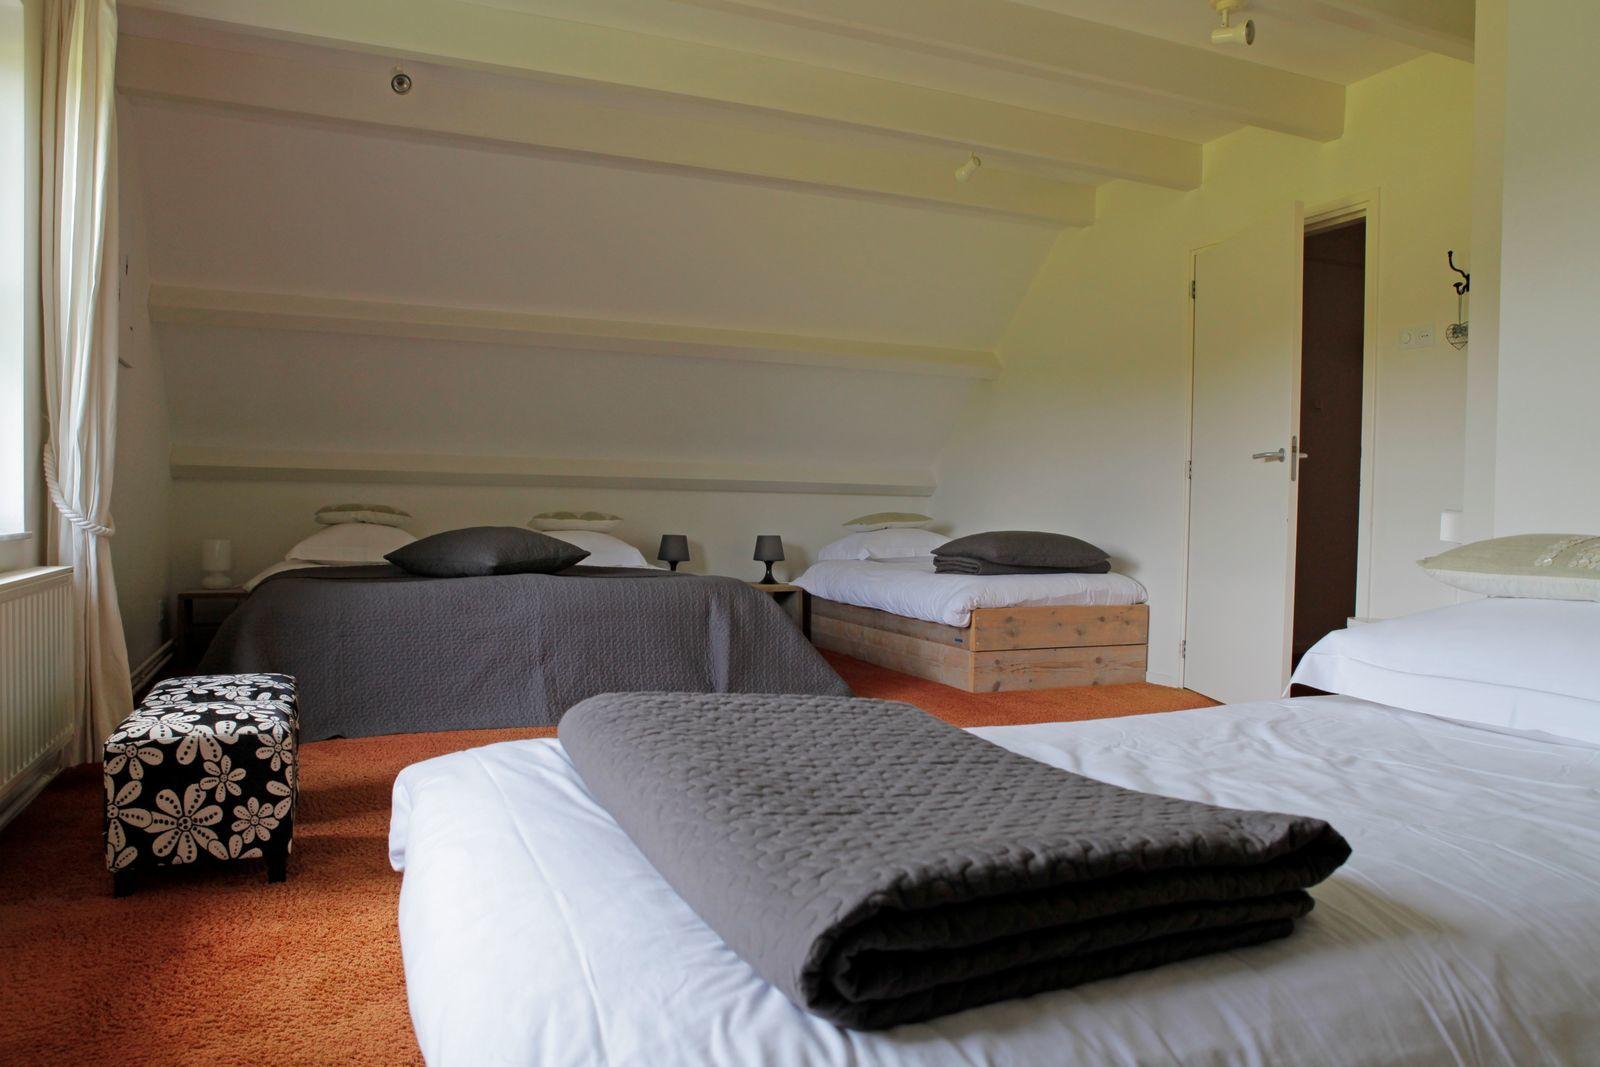 Villa + Gastenverblijf de Hondsrug - luxe vakantiehuis Drenthe met hottub